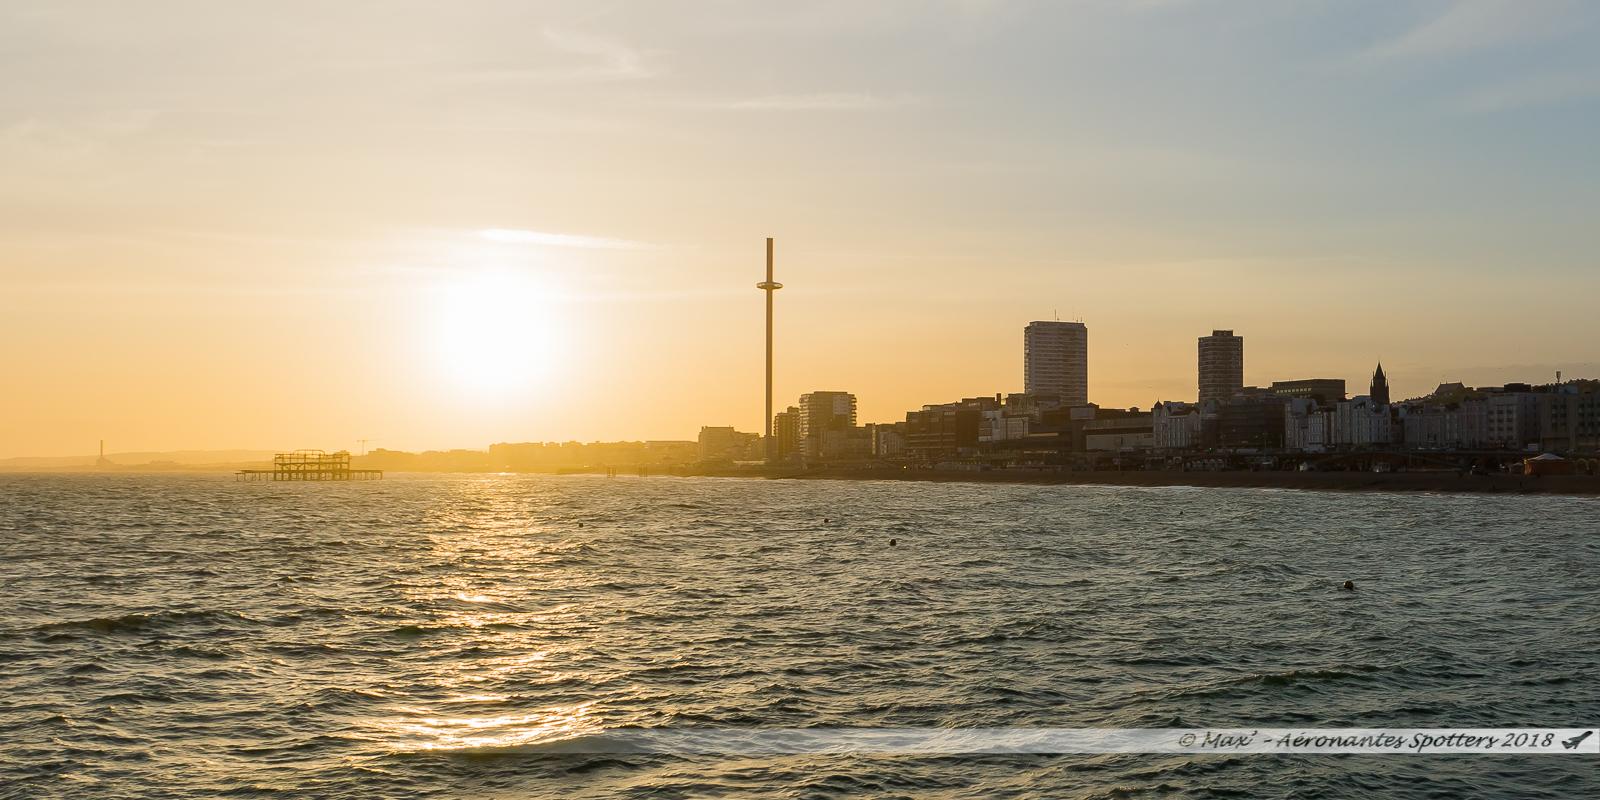 Couché de soleil sur la baie de Brighton et sa tour British Airways I360, vu depuis le Brighton Pier